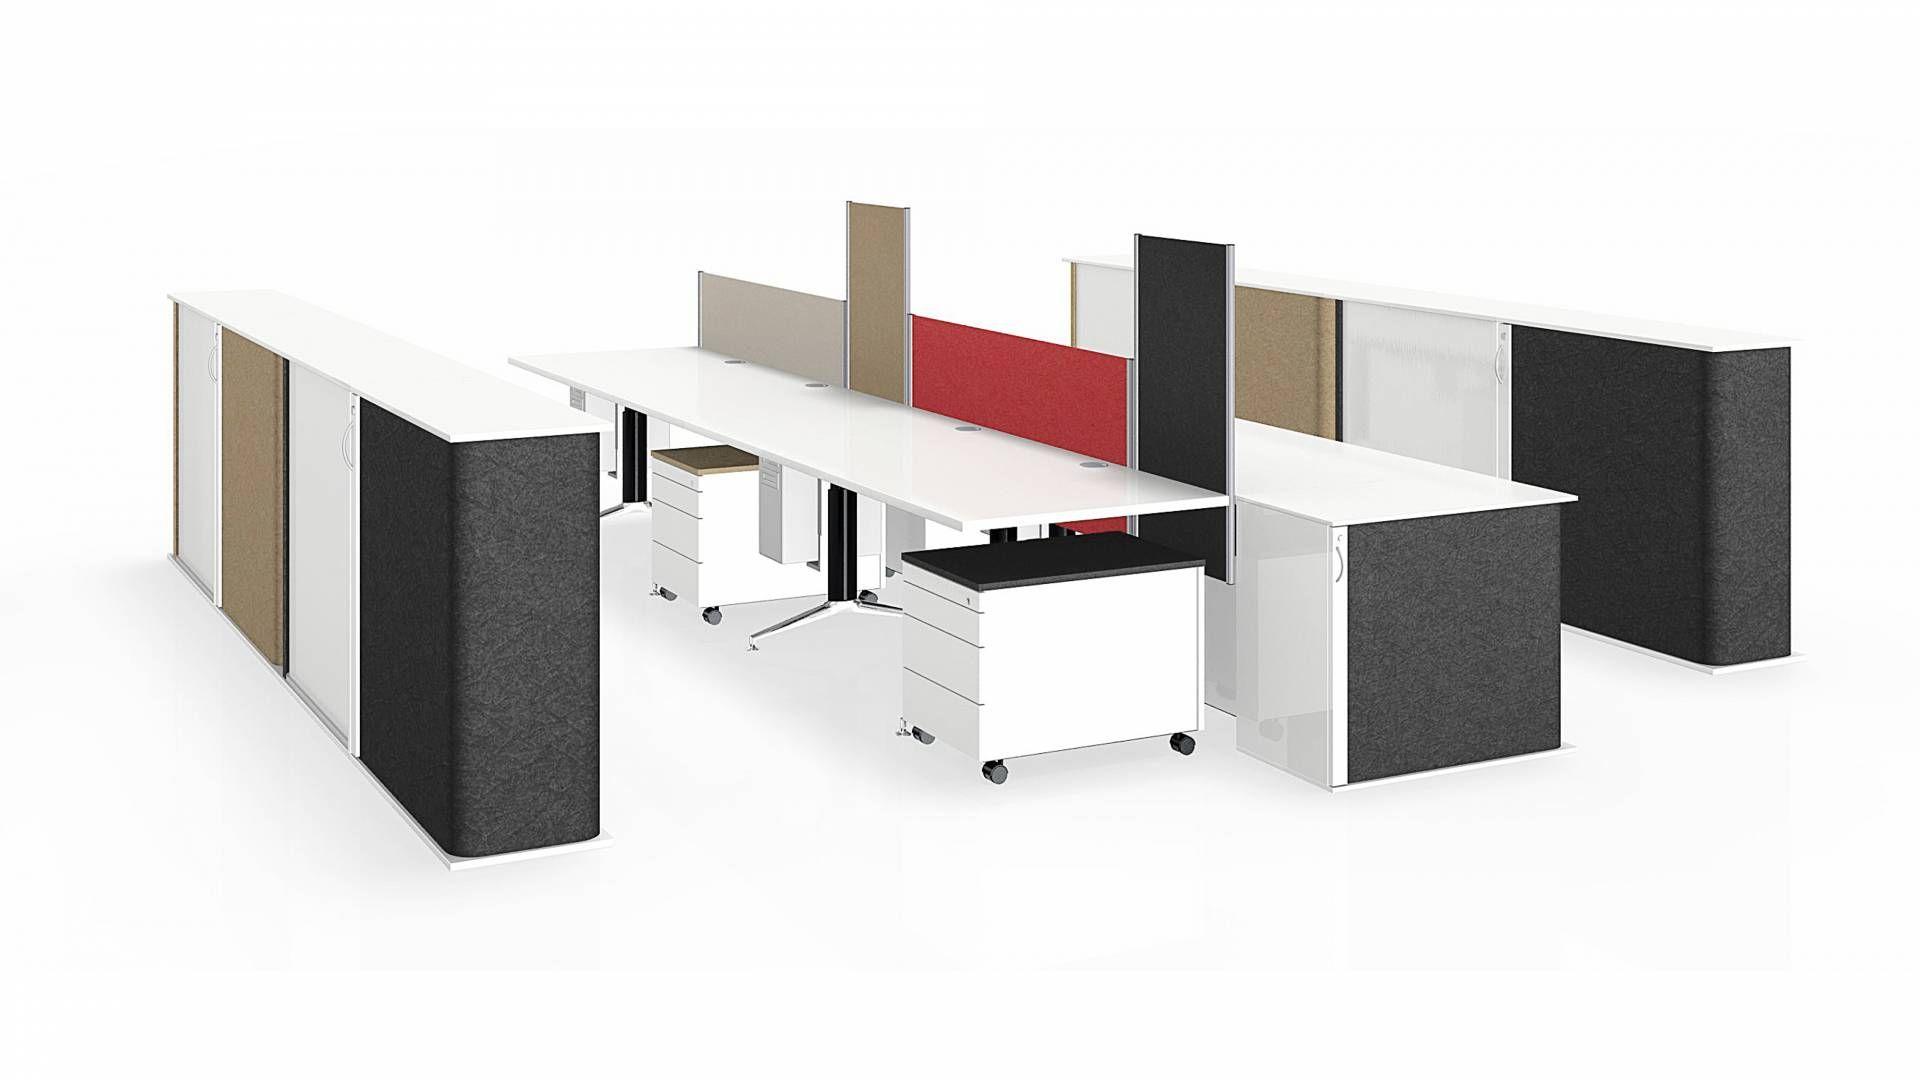 Fein Design Schallabsorber Trennwande Fotos - Wohnzimmer Dekoration ...